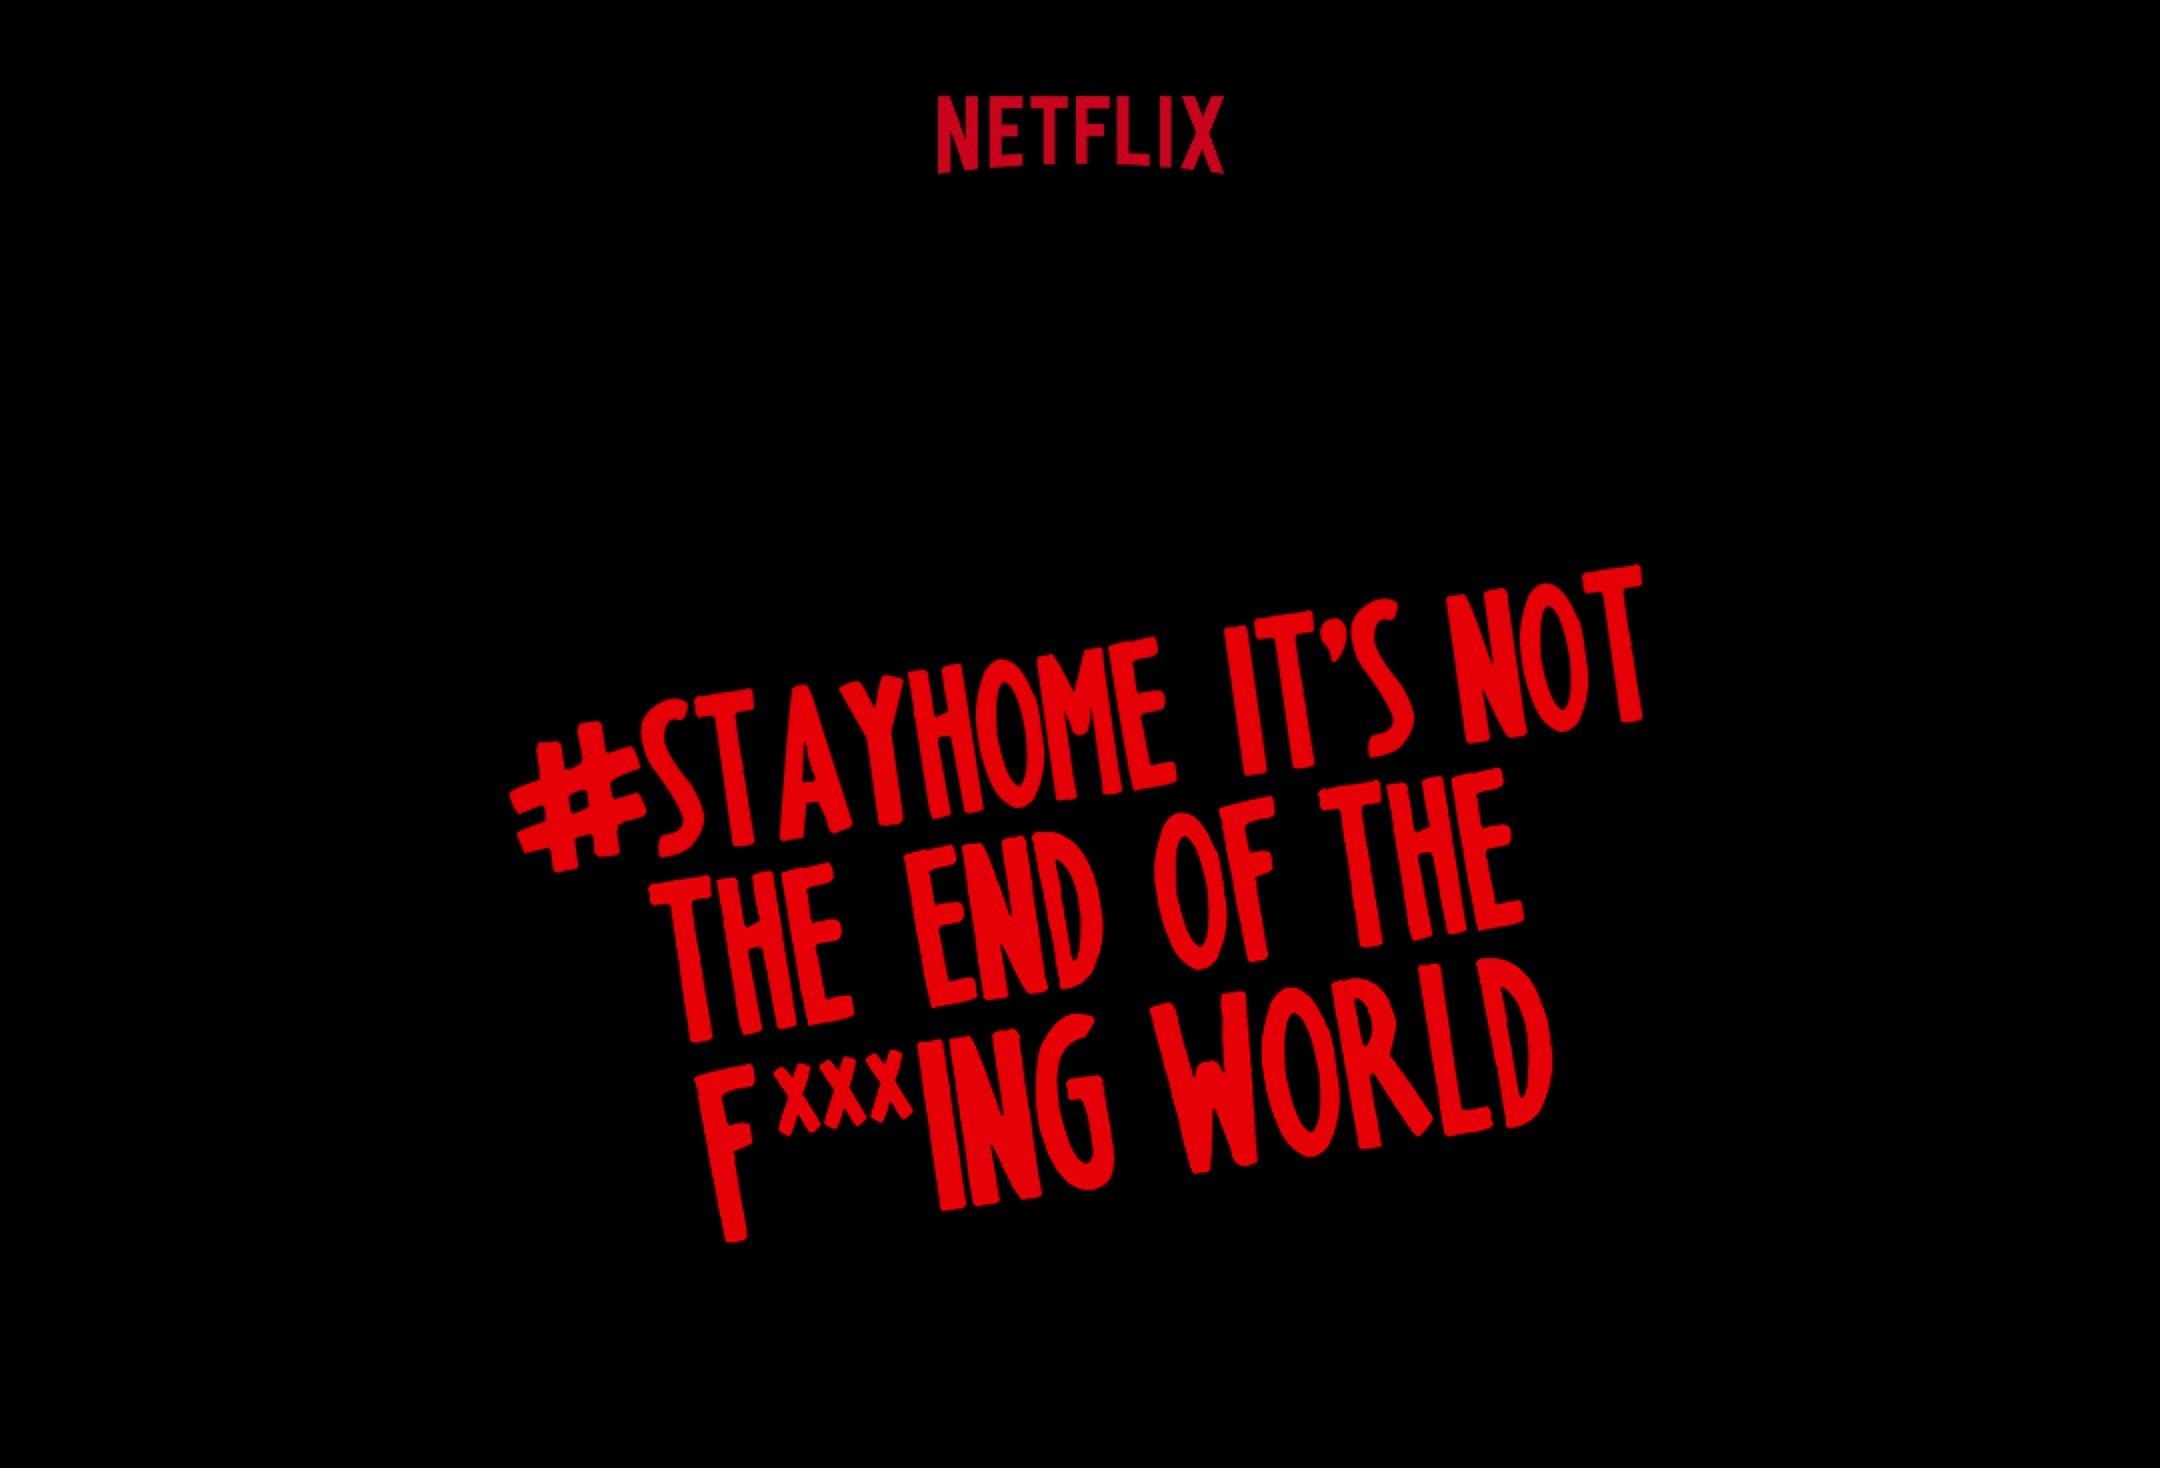 Netflix, Dizi İsimlerini Evde Kalmayı Telkin Eden Mesajlara Dönüştürdü